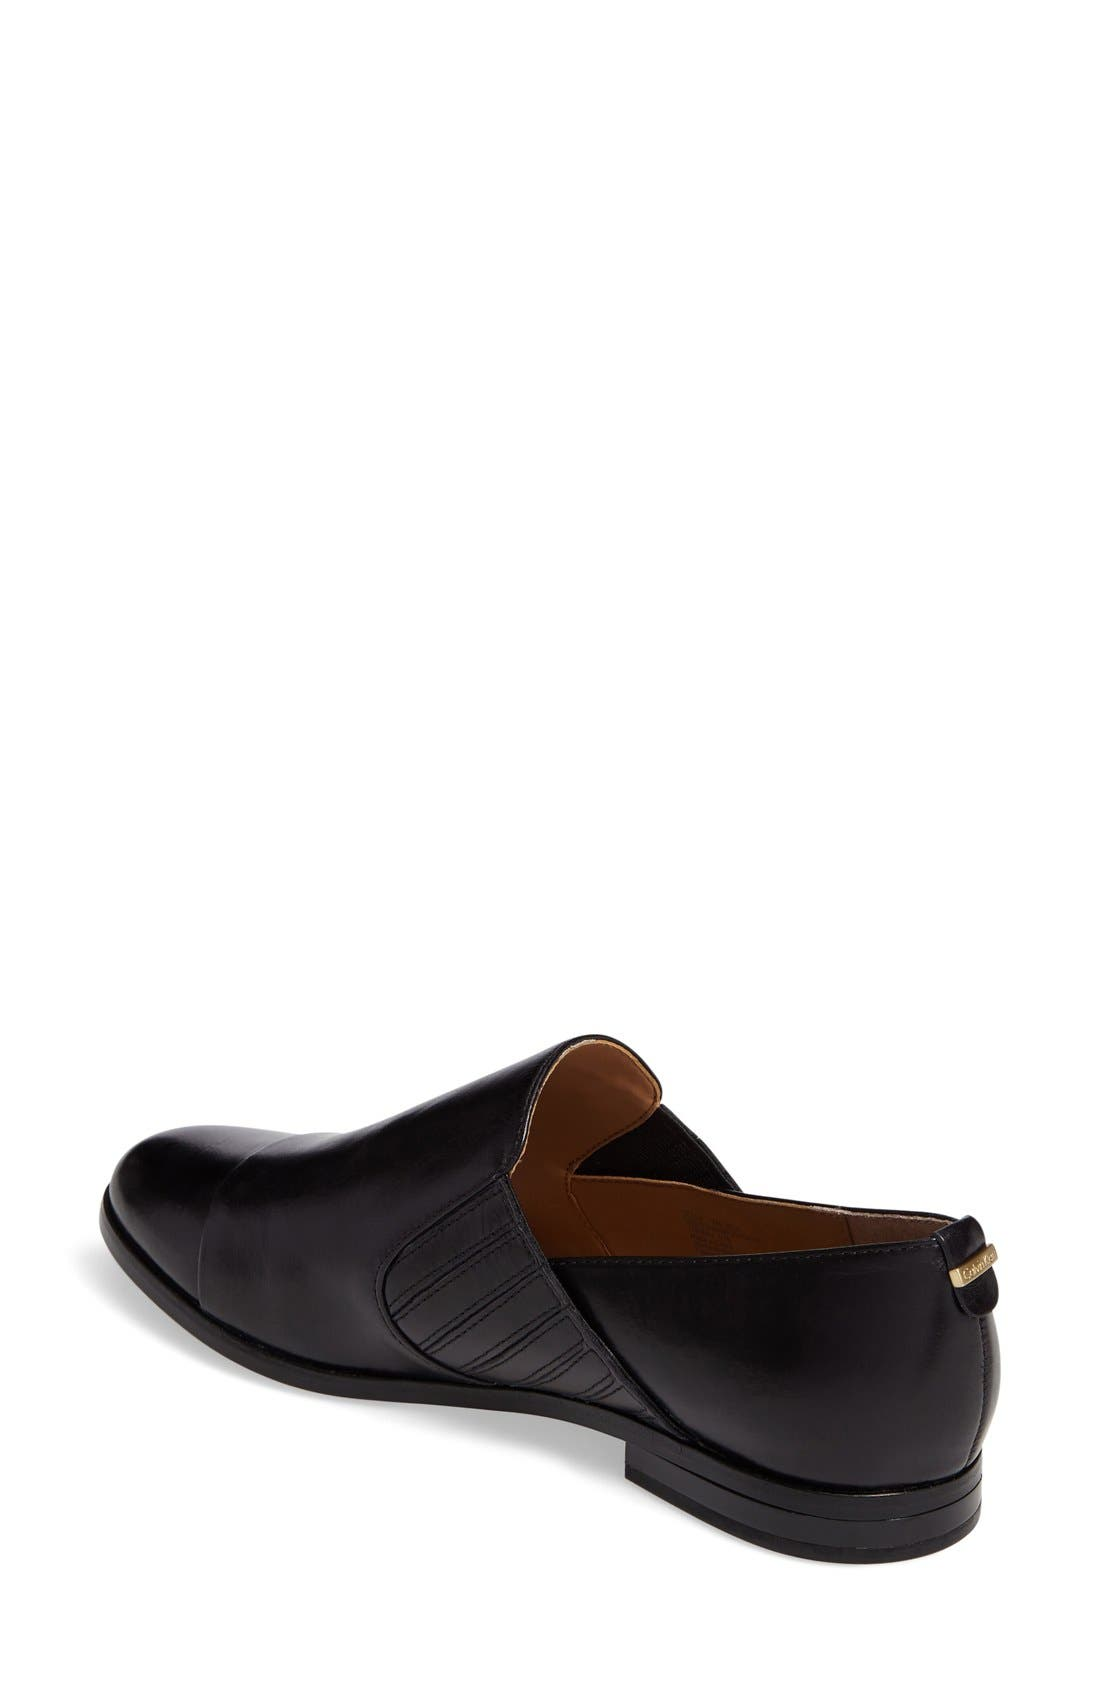 Alternate Image 2  - Calvin Klein Cella Slip-On Loafer (Women)